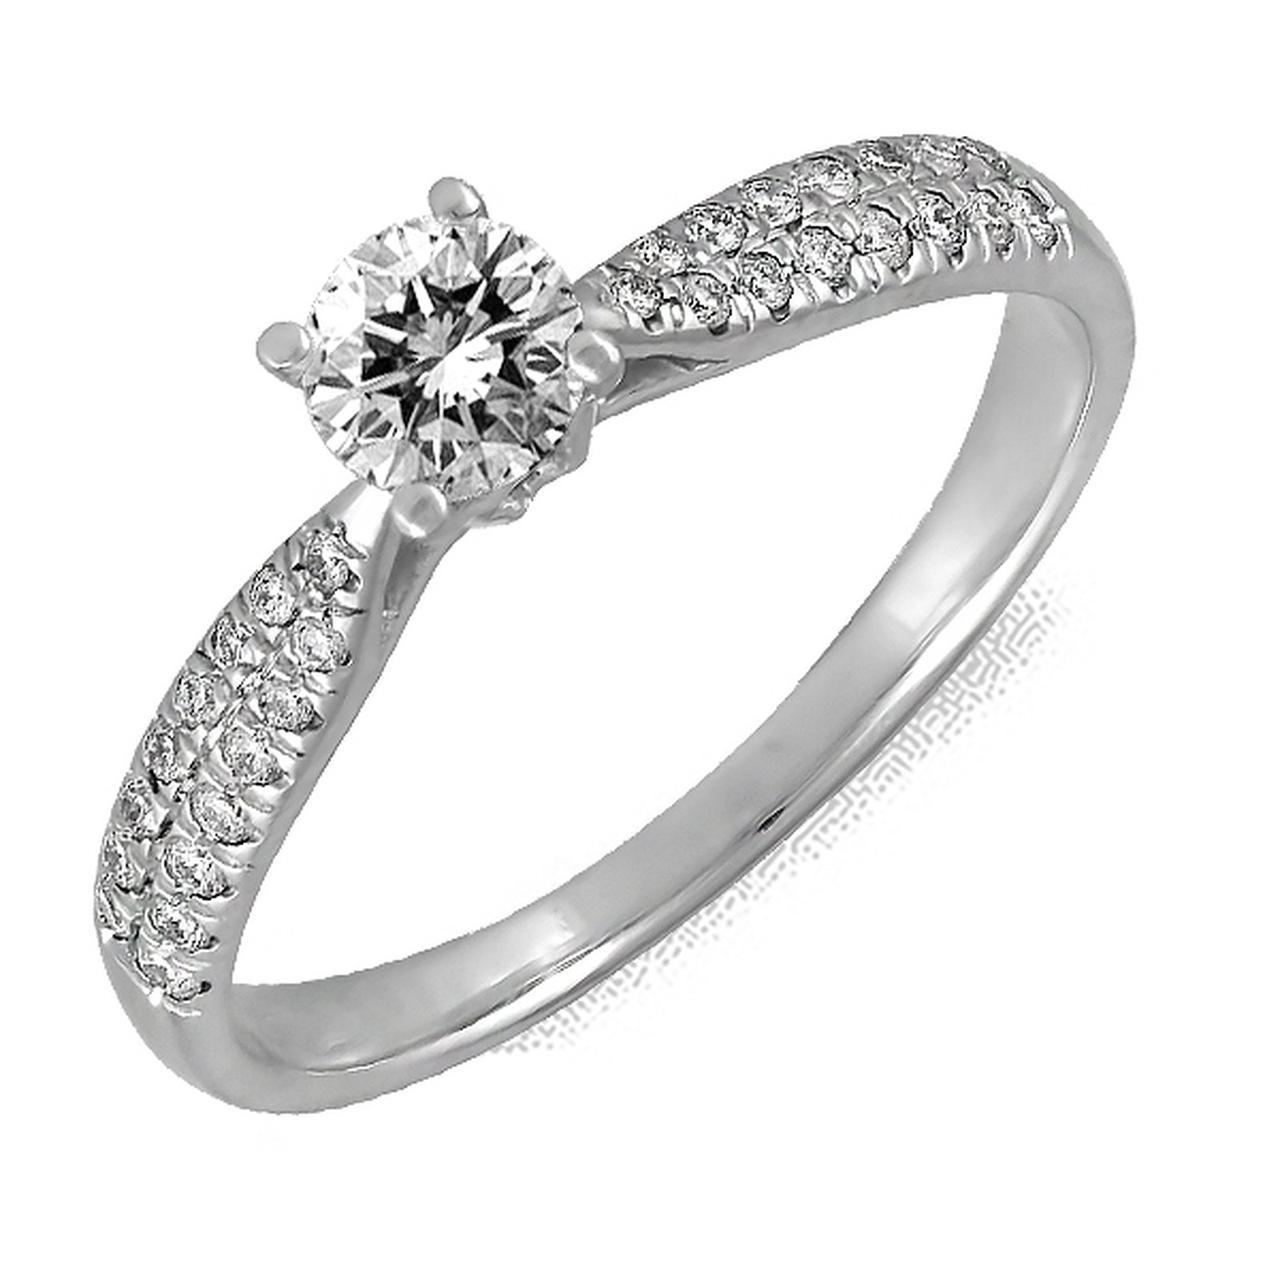 Золотое кольцо с бриллиантами, размер 17 (123270)